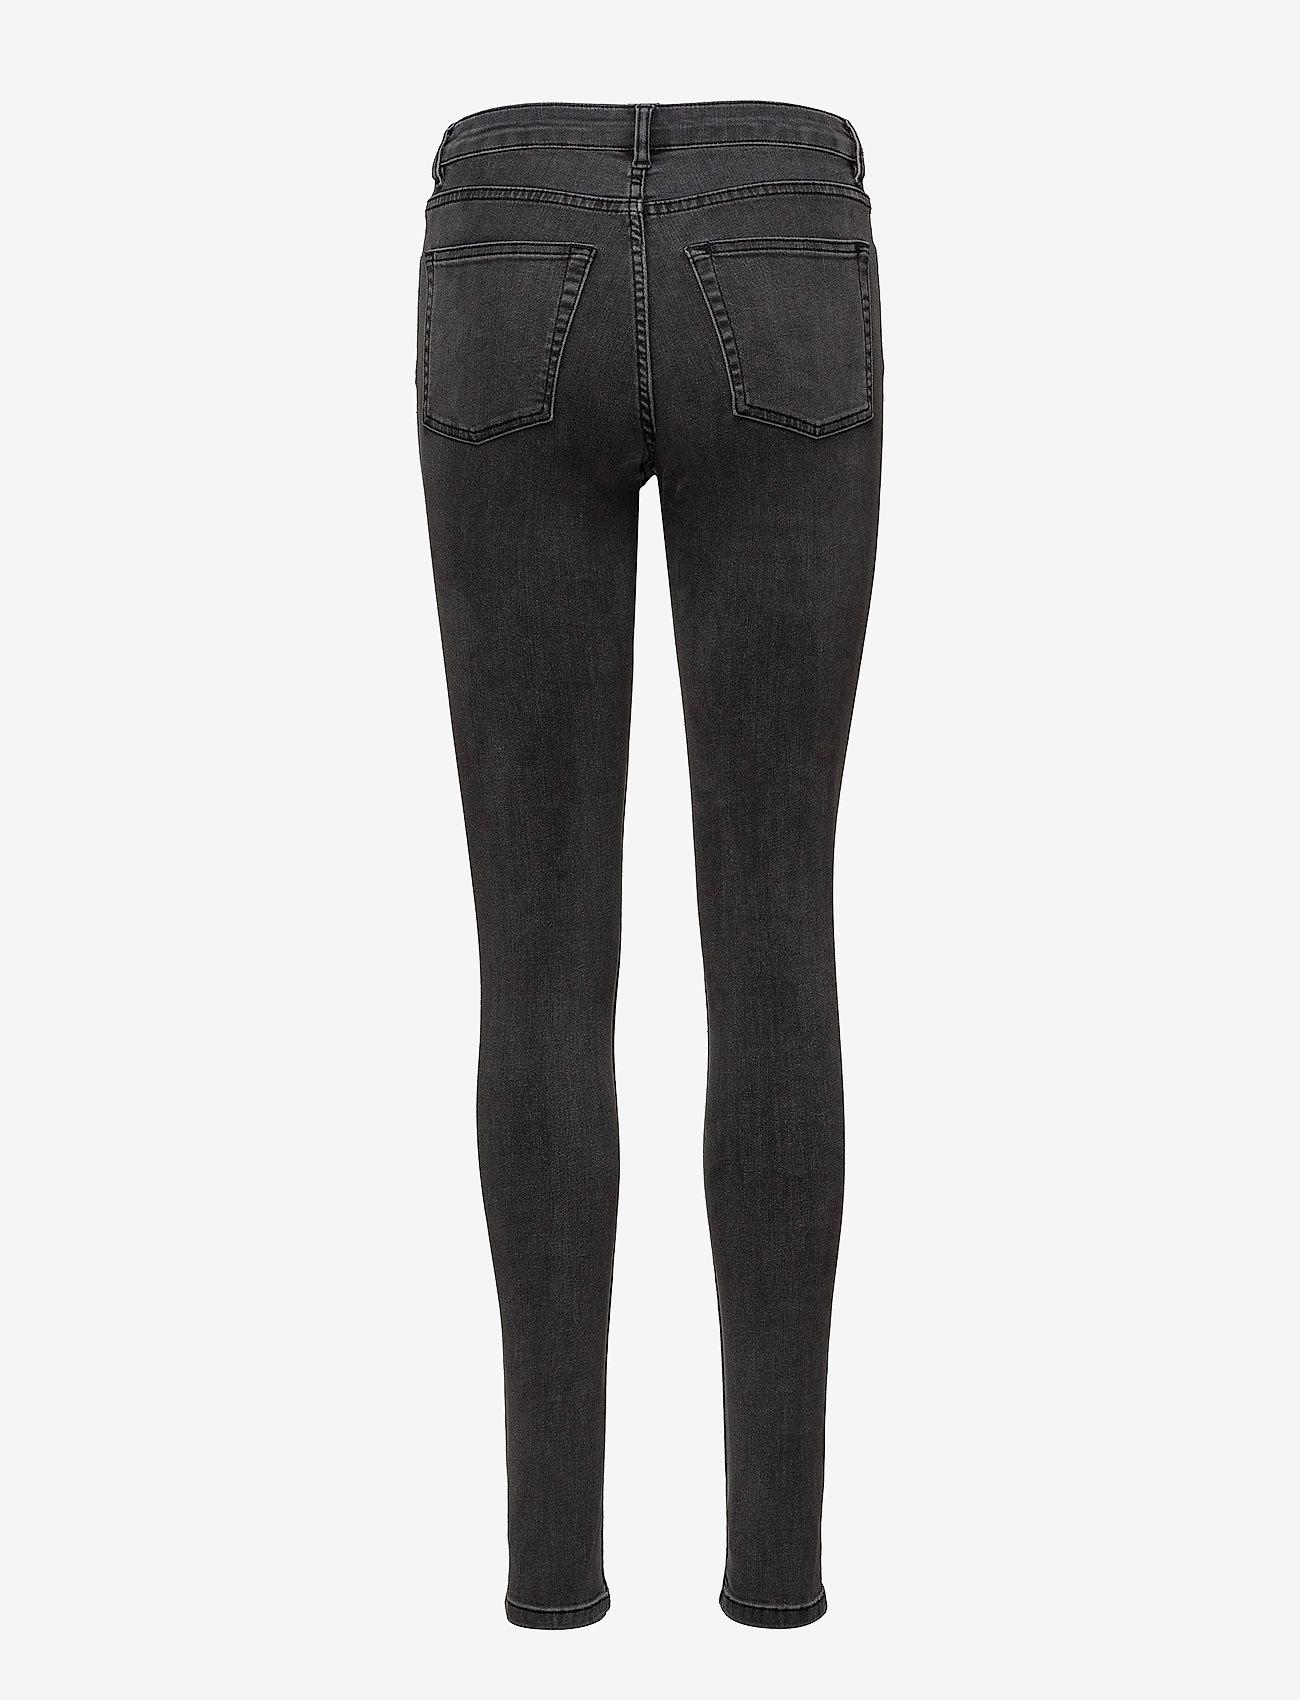 Gestuz - MaggieGZ Jeans NOOS - skinny farkut - storm grey - 1